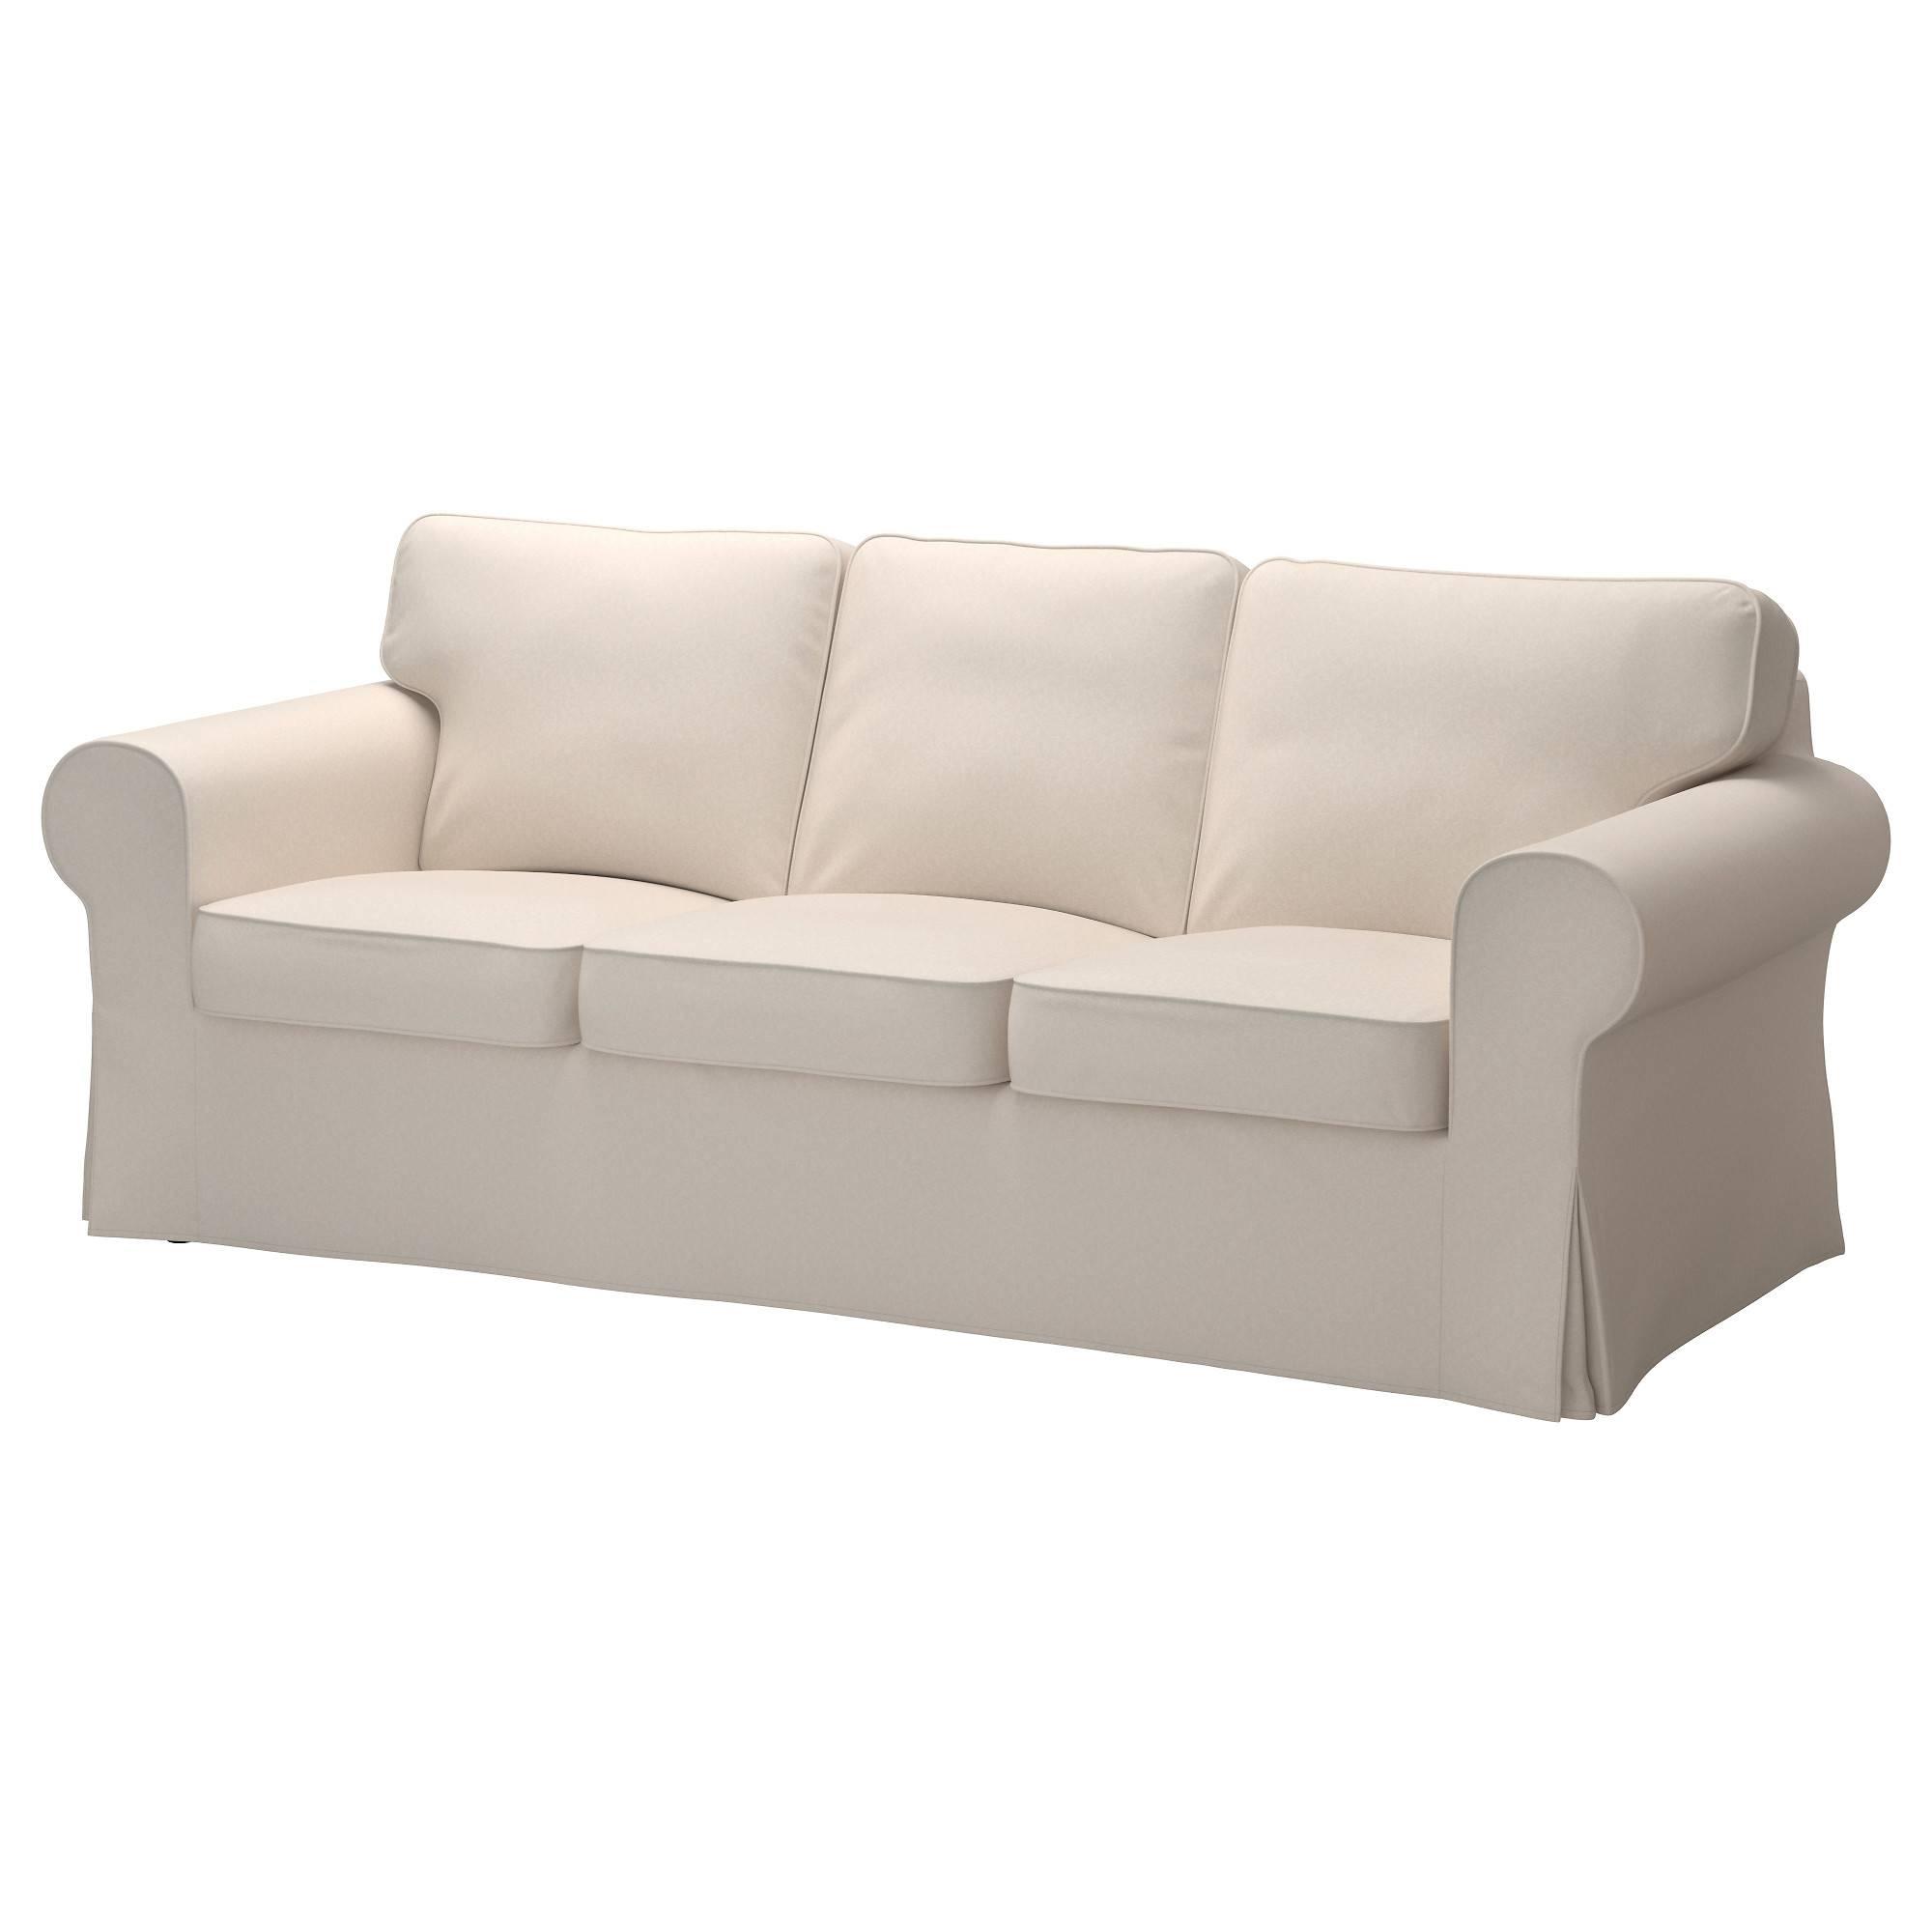 Ektorp Sofa Cover - Nordvalla Dark Gray - Ikea throughout White Fabric Sofas (Image 10 of 30)